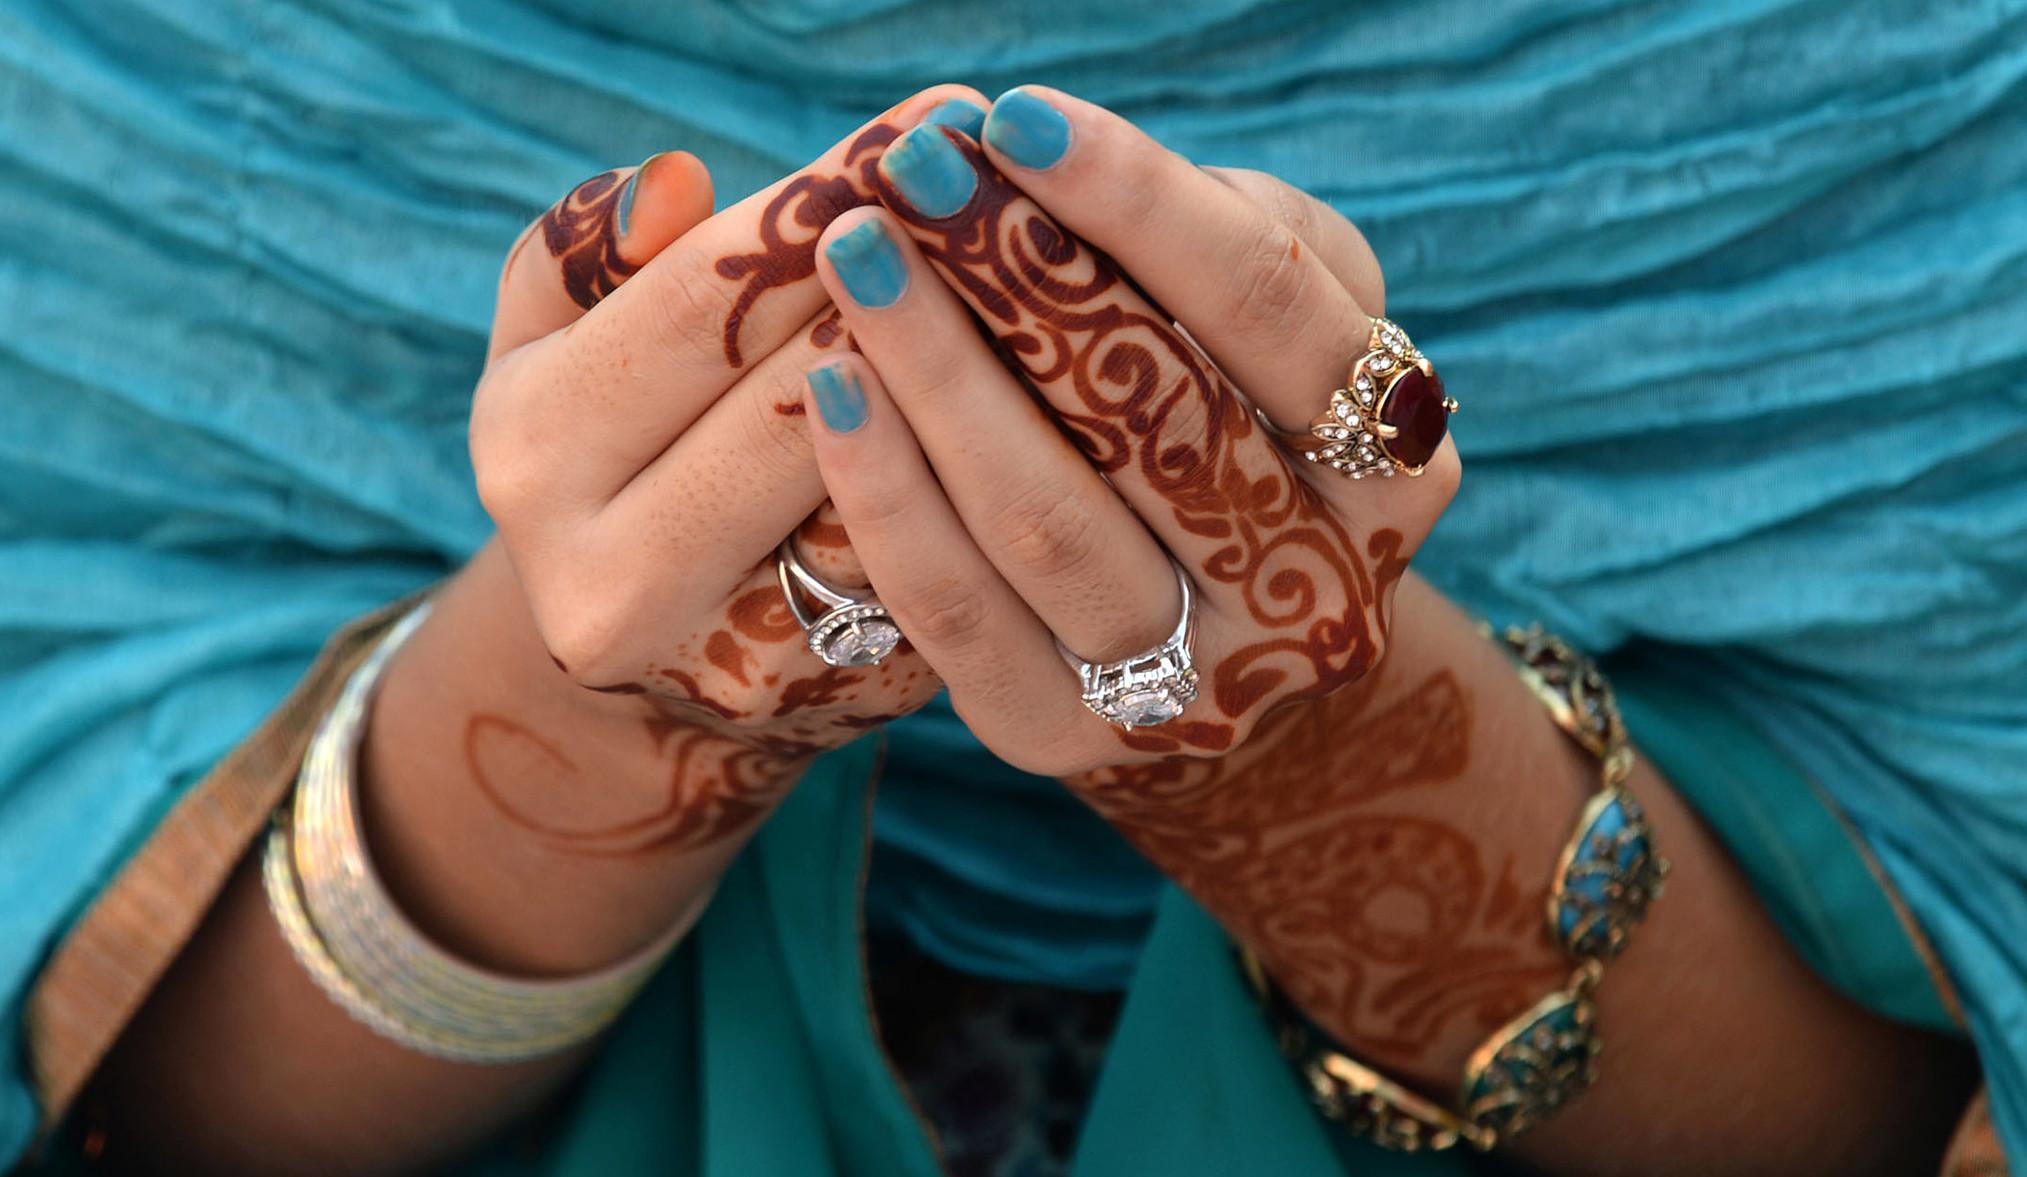 Muslim Women in Ramadan